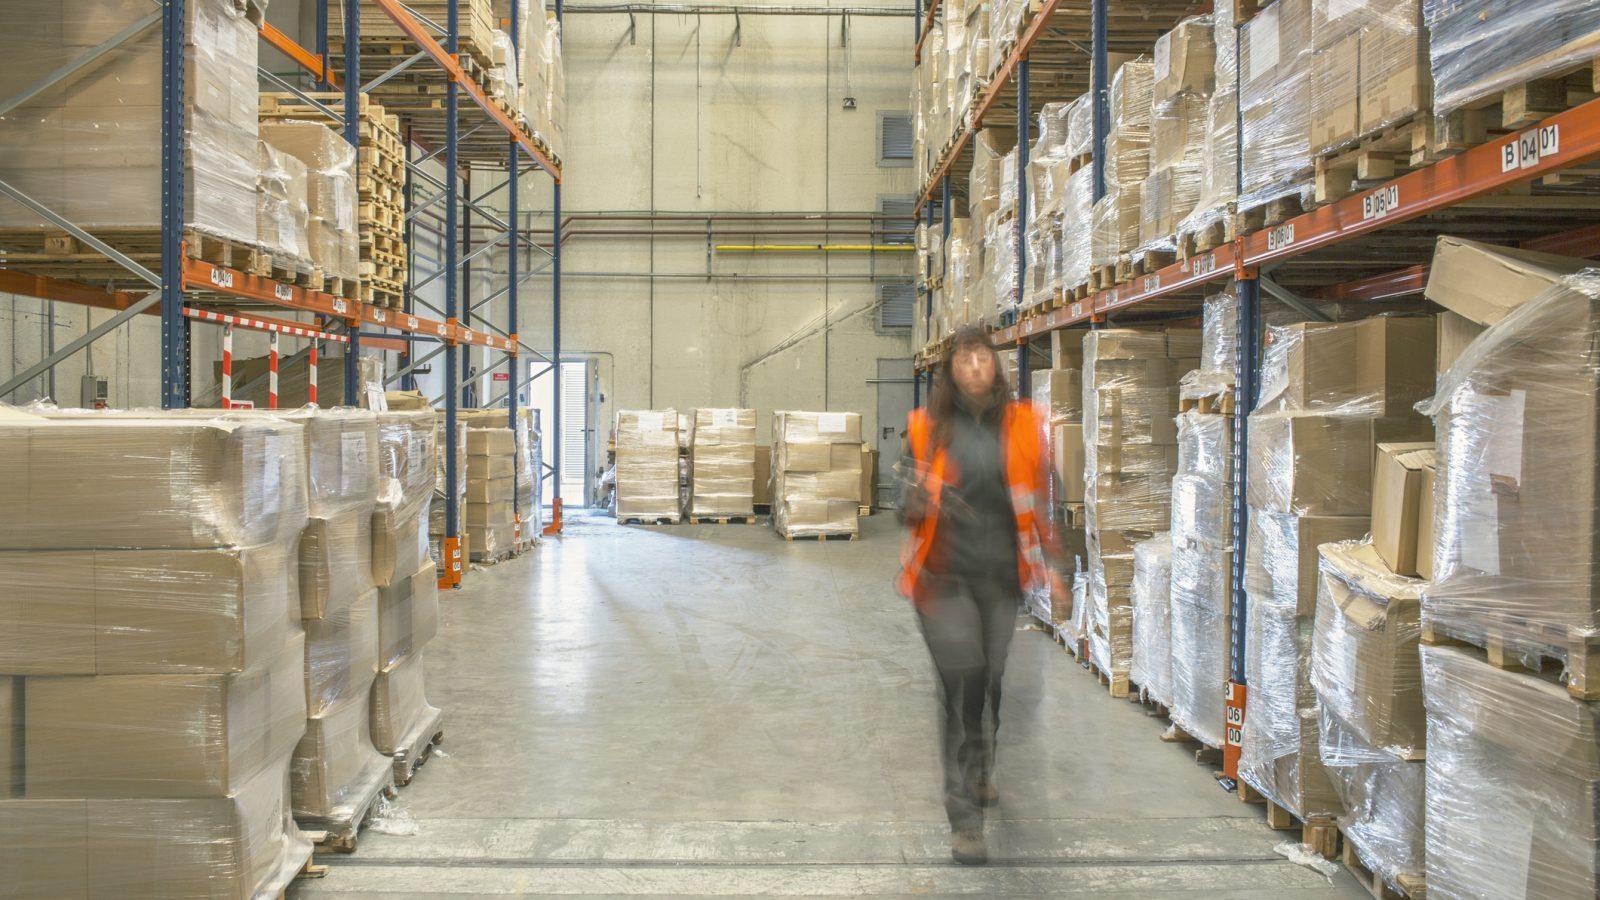 Warehouse worker motion blur